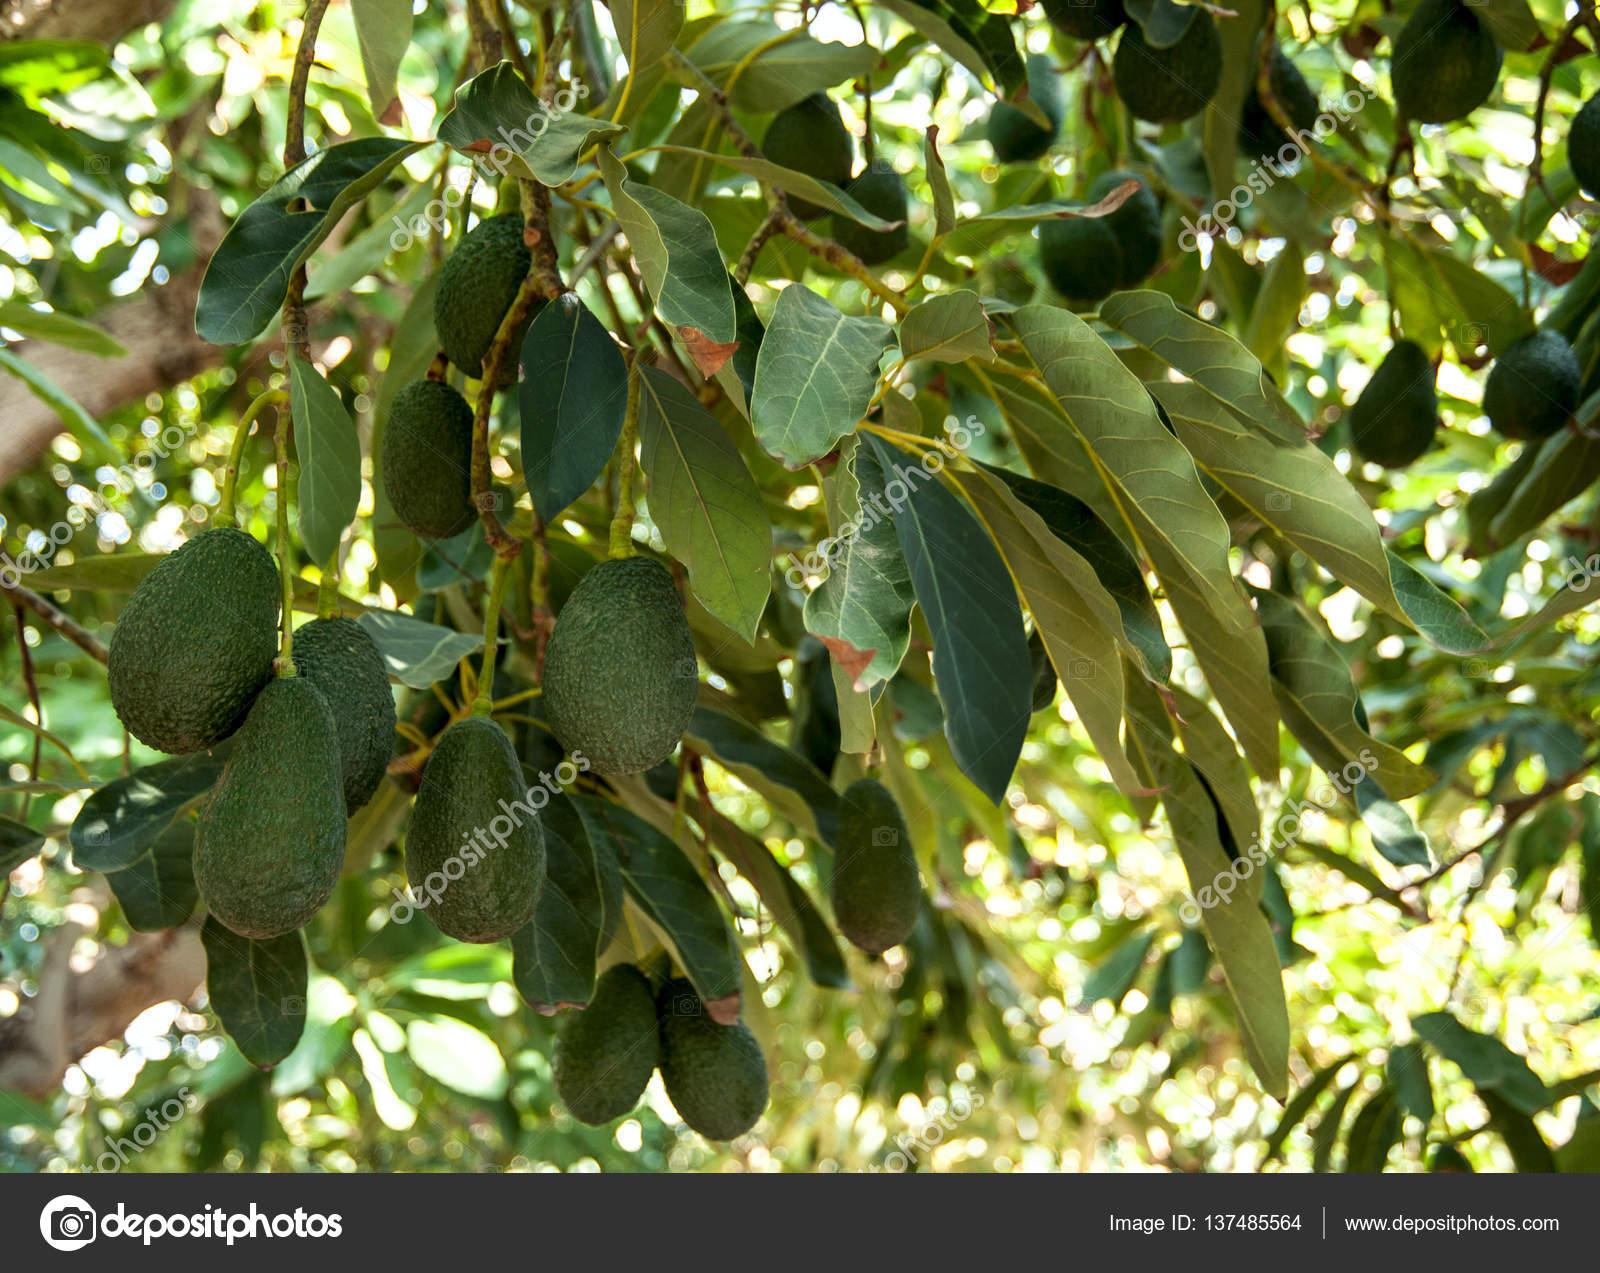 fruits d'avocat qui poussent sur les arbres — photographie grafnata